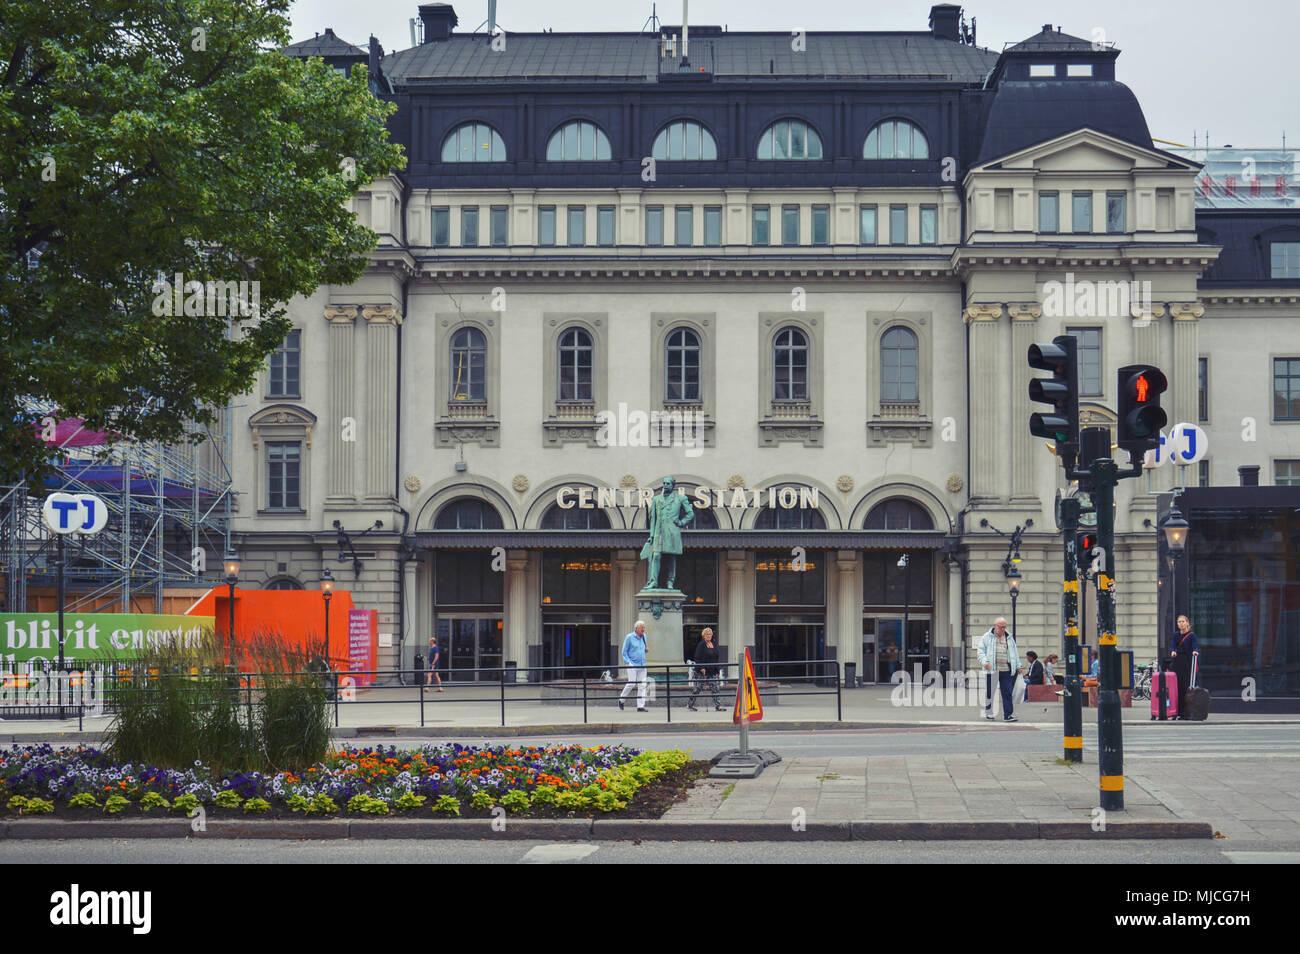 Stockholm Central Station, a railway station in Stockholm, Sweden ...